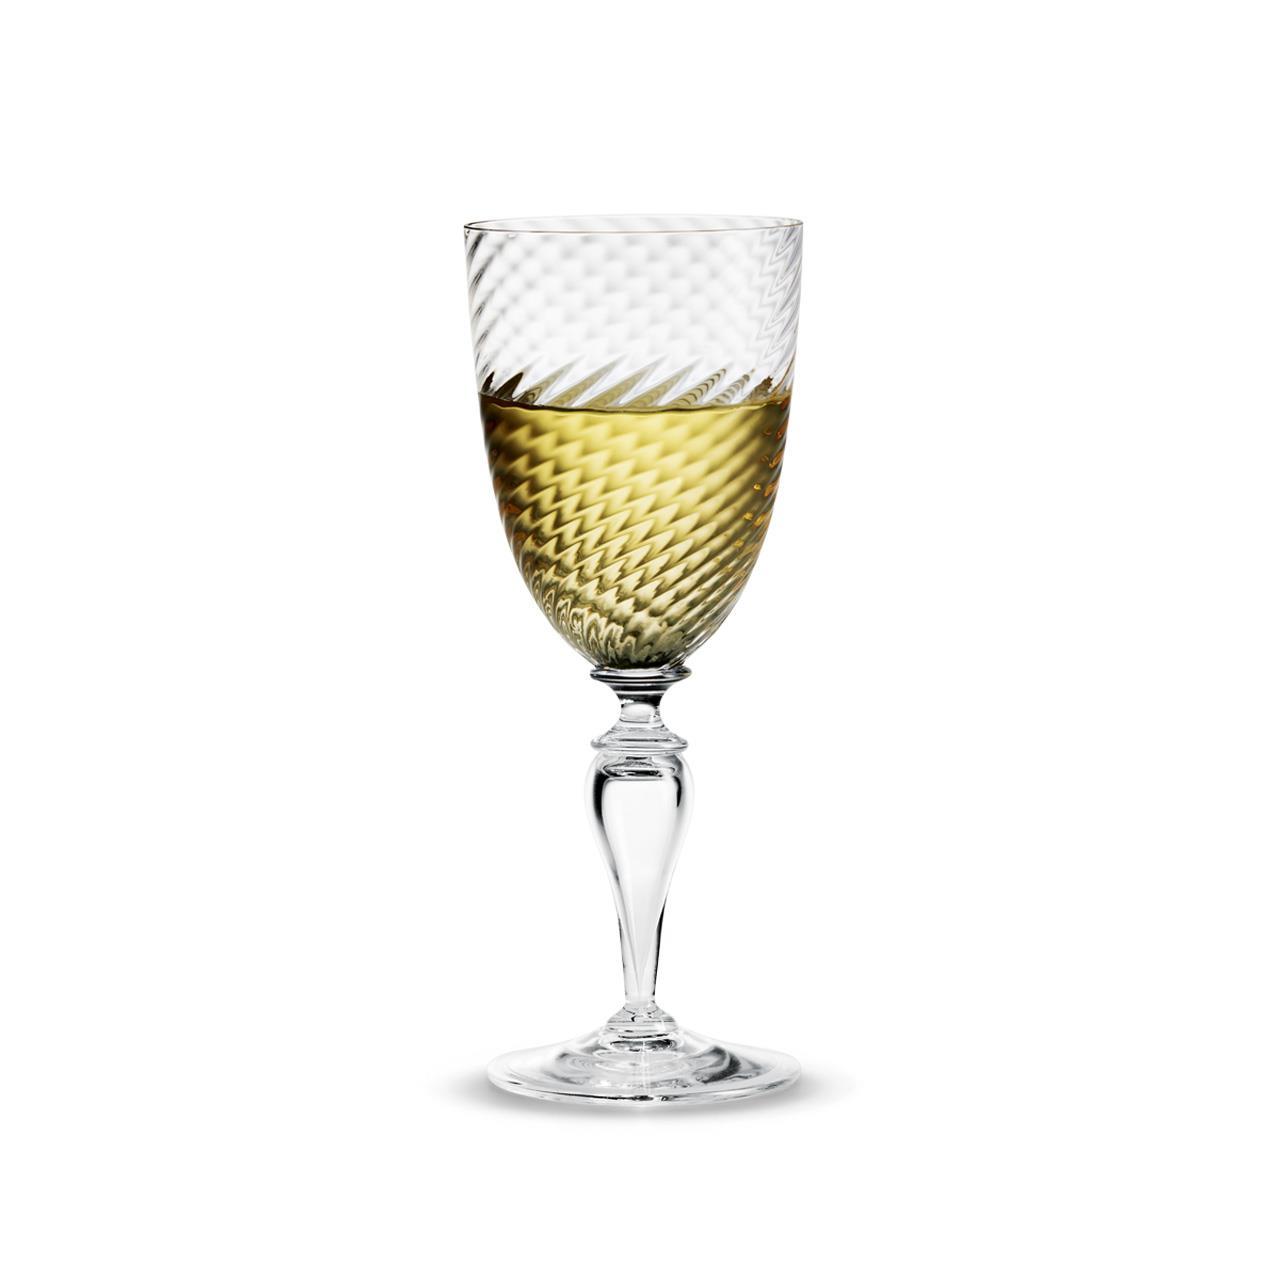 Glas 5 Bierglas Holmegaard 4321812 No